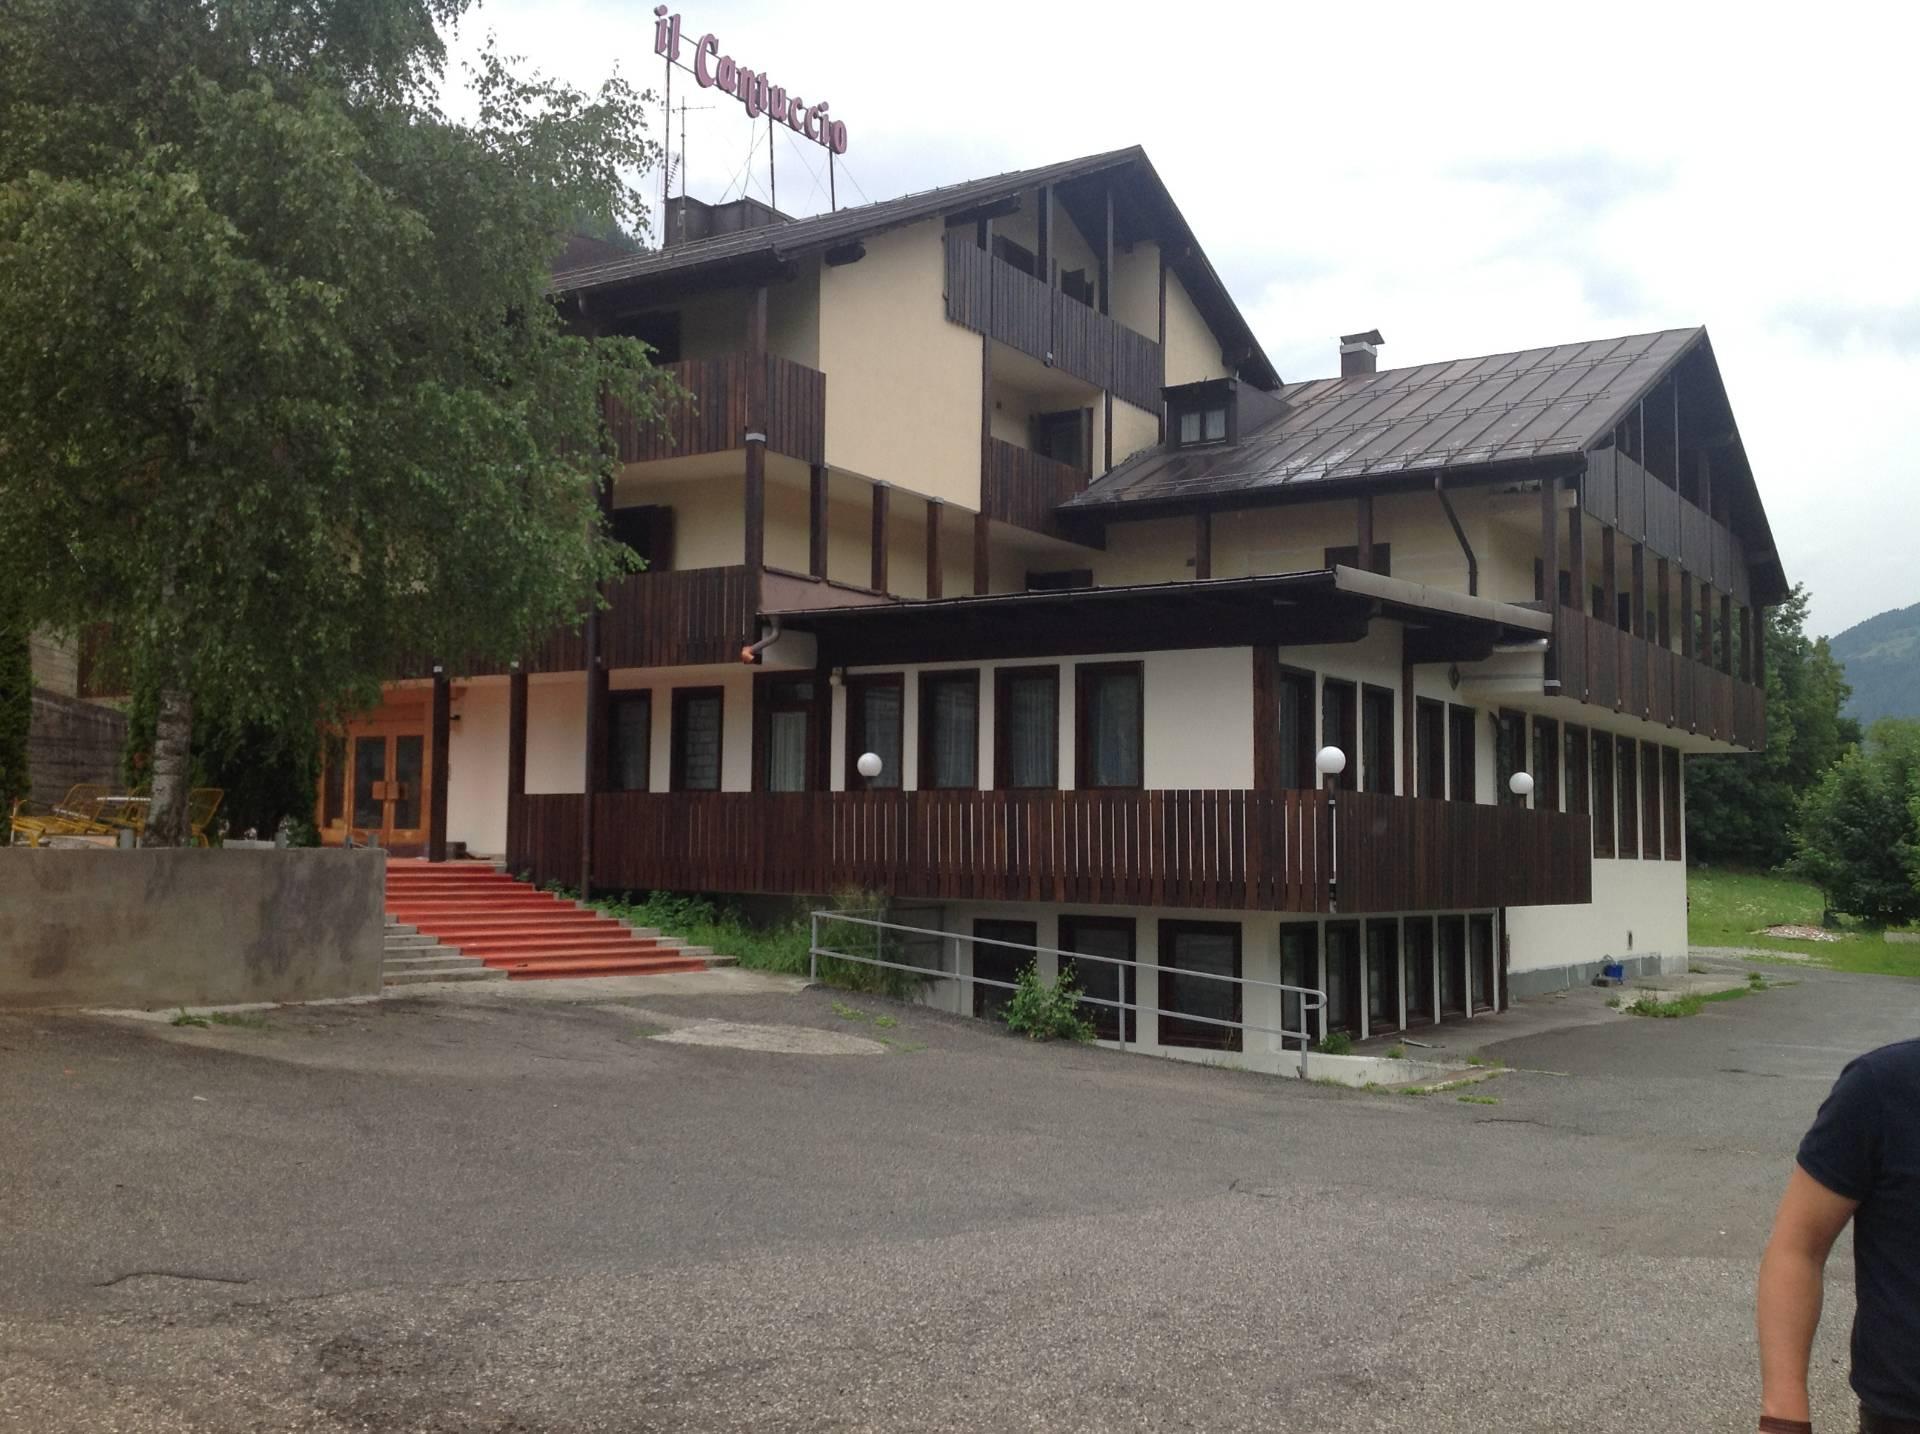 Albergo in vendita a Strembo, 9999 locali, zona Zona: Predel, prezzo € 1.197.750 | CambioCasa.it